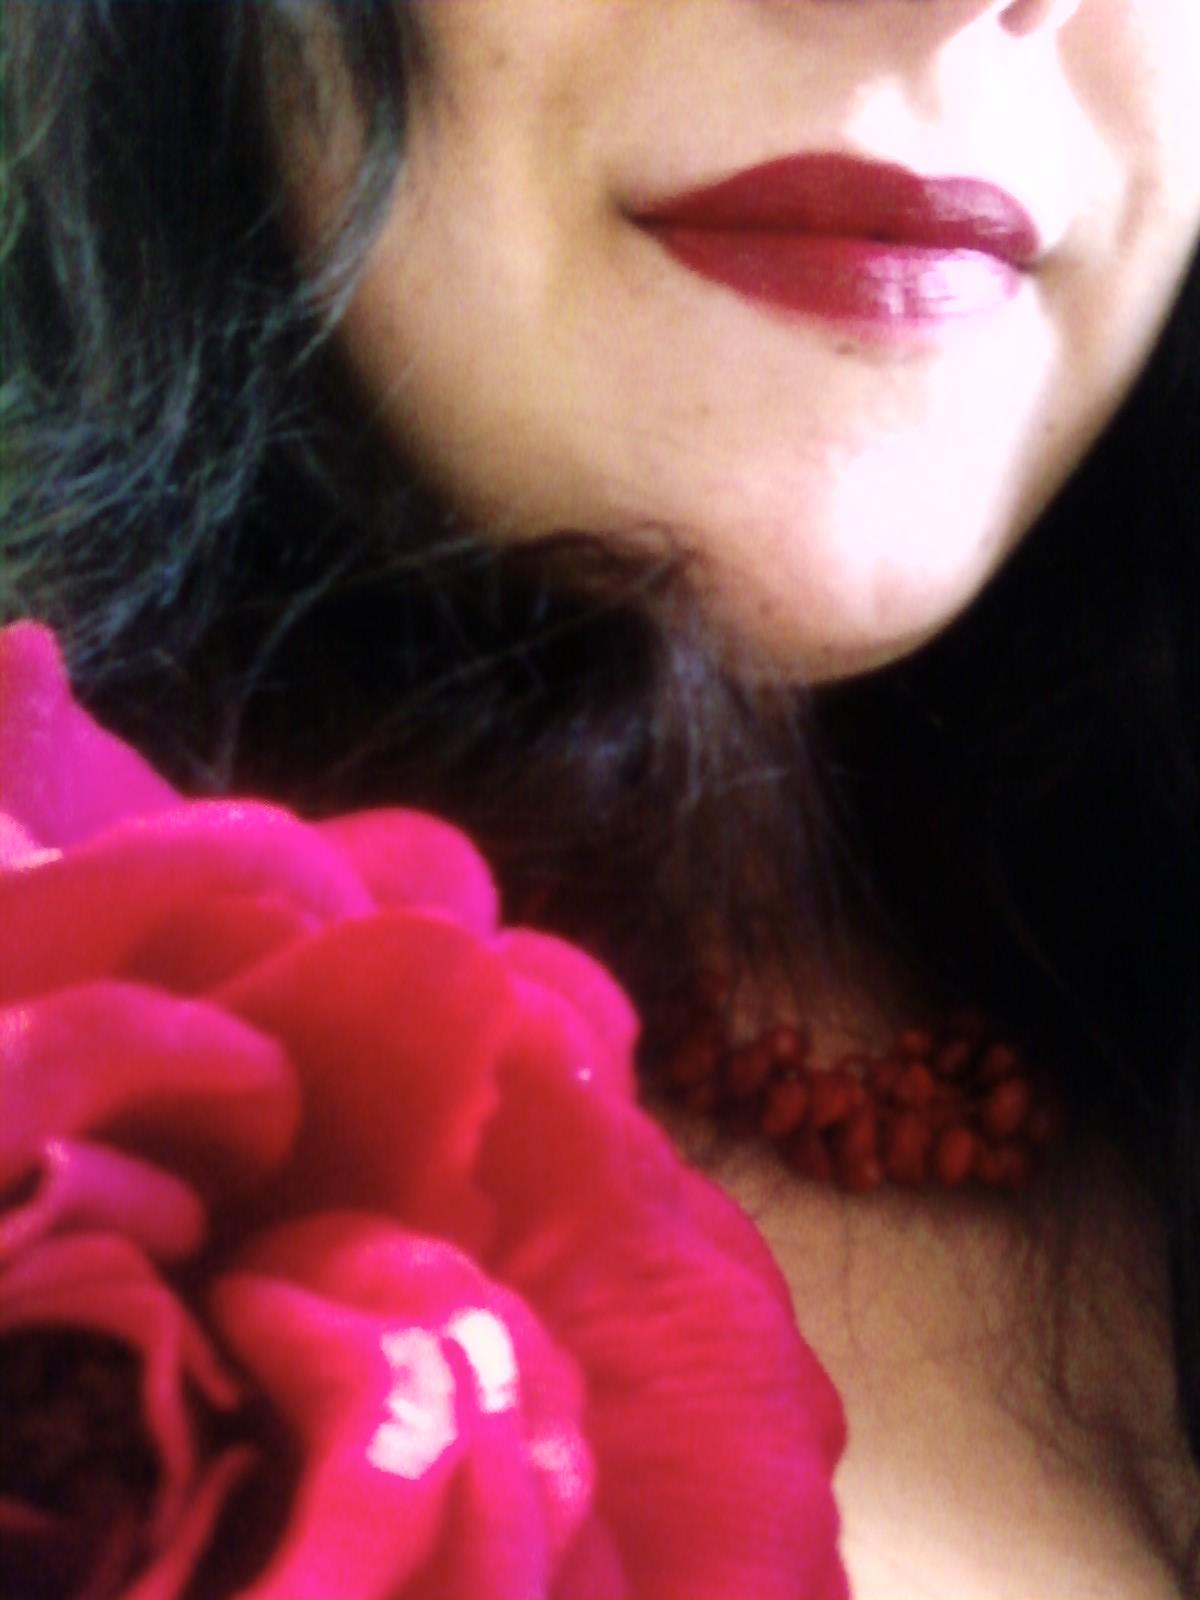 http://4.bp.blogspot.com/_7QPRU5360W4/S9tYylPUCVI/AAAAAAAAADo/IldWU0QlNNw/s1600/0430101433-01.jpg